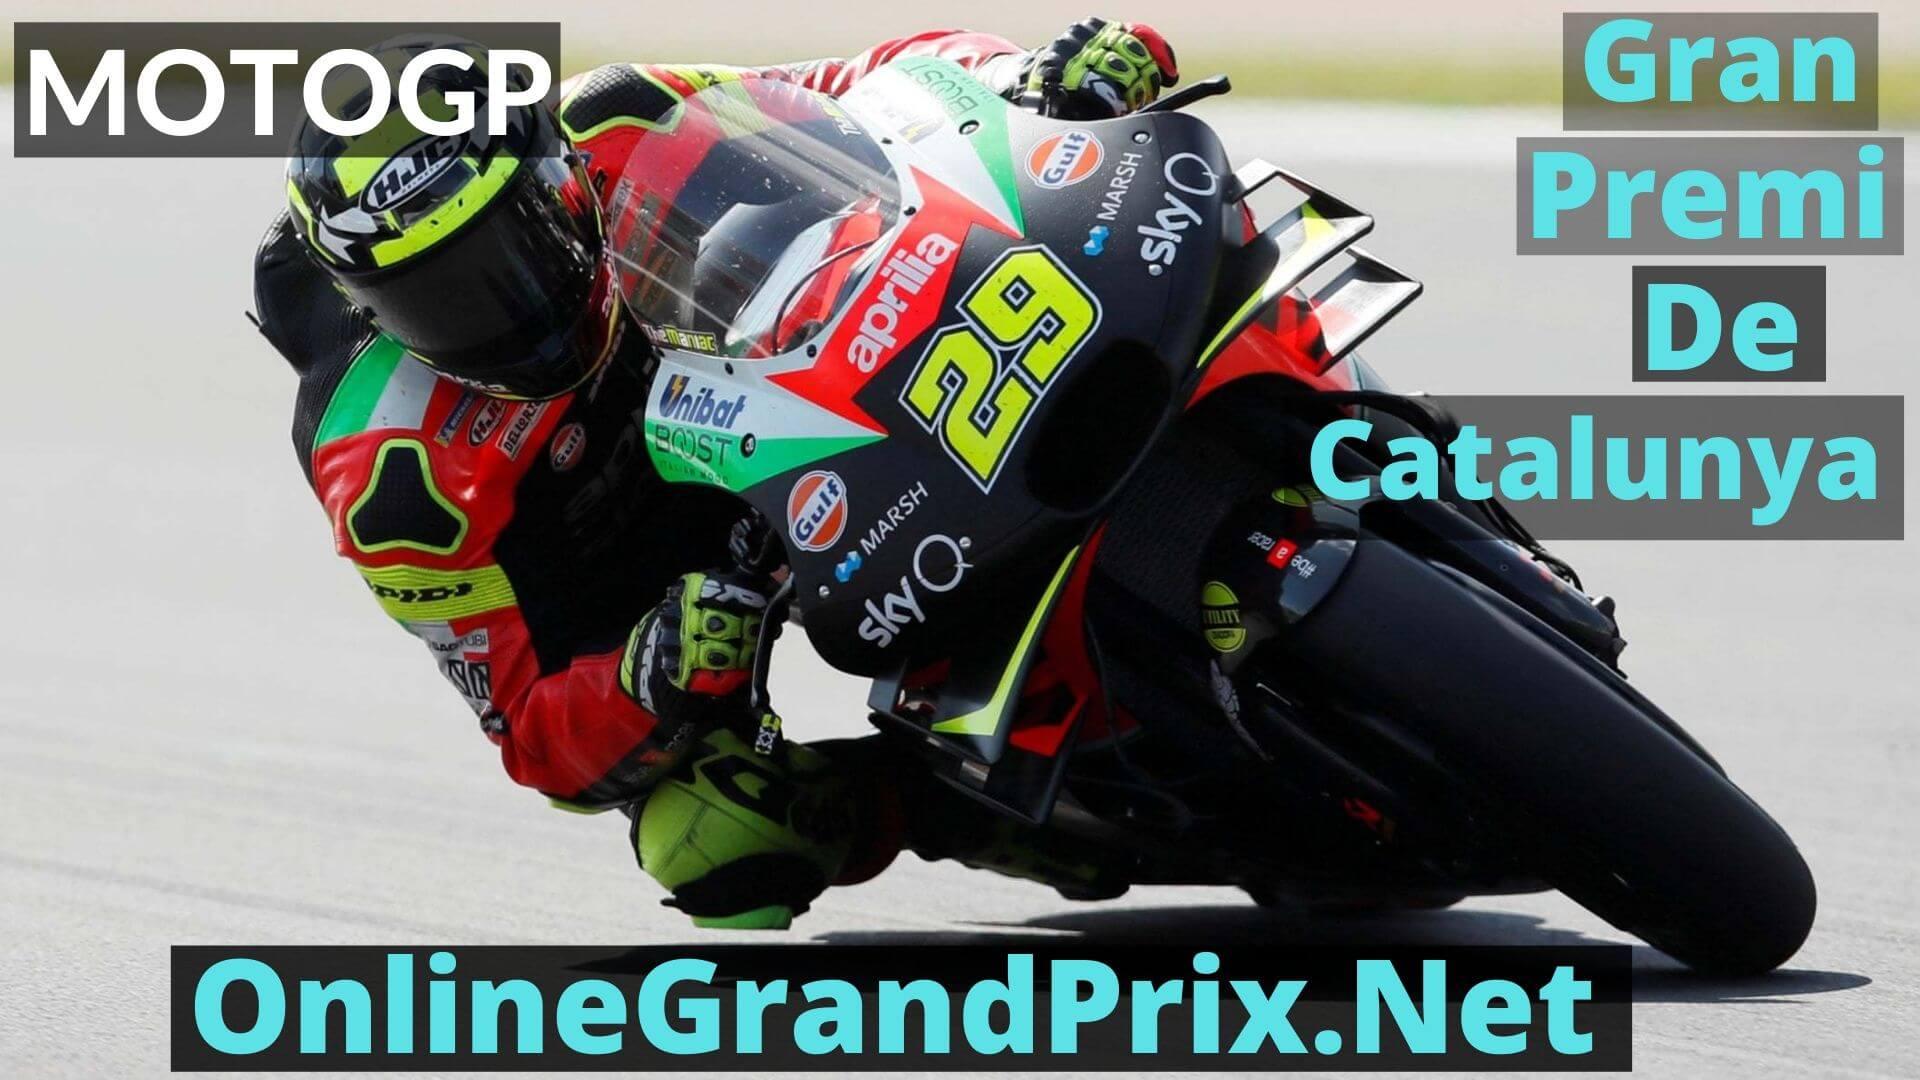 Gran Premi de Catalunya Live Stream 2020 | MotoGP